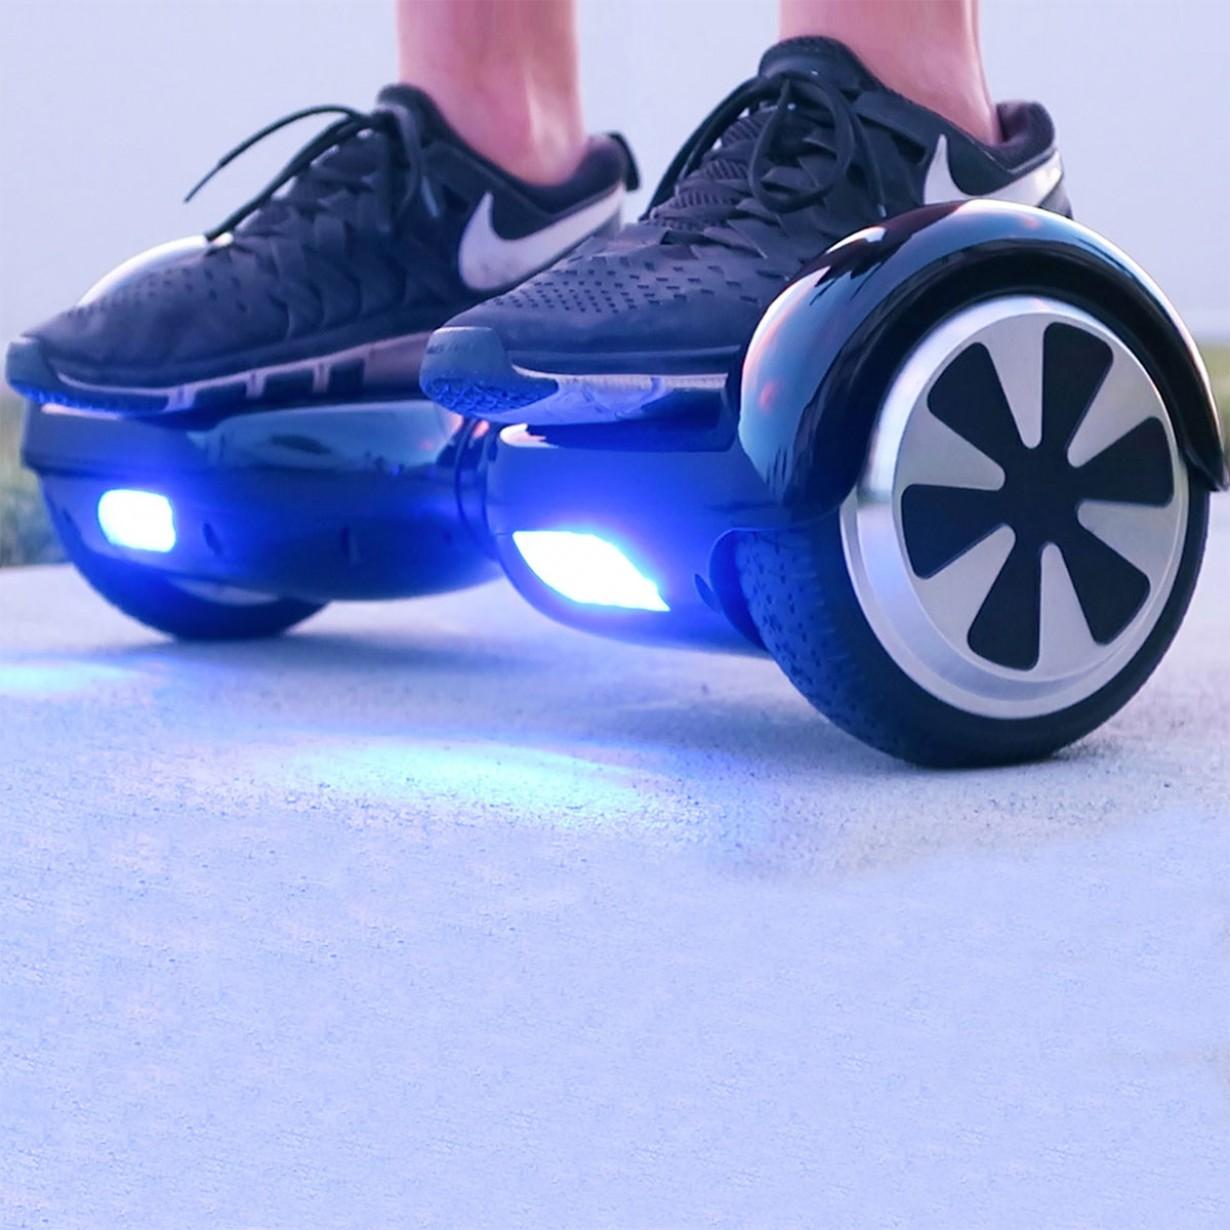 skate-electrique-smartrax-s5-b75